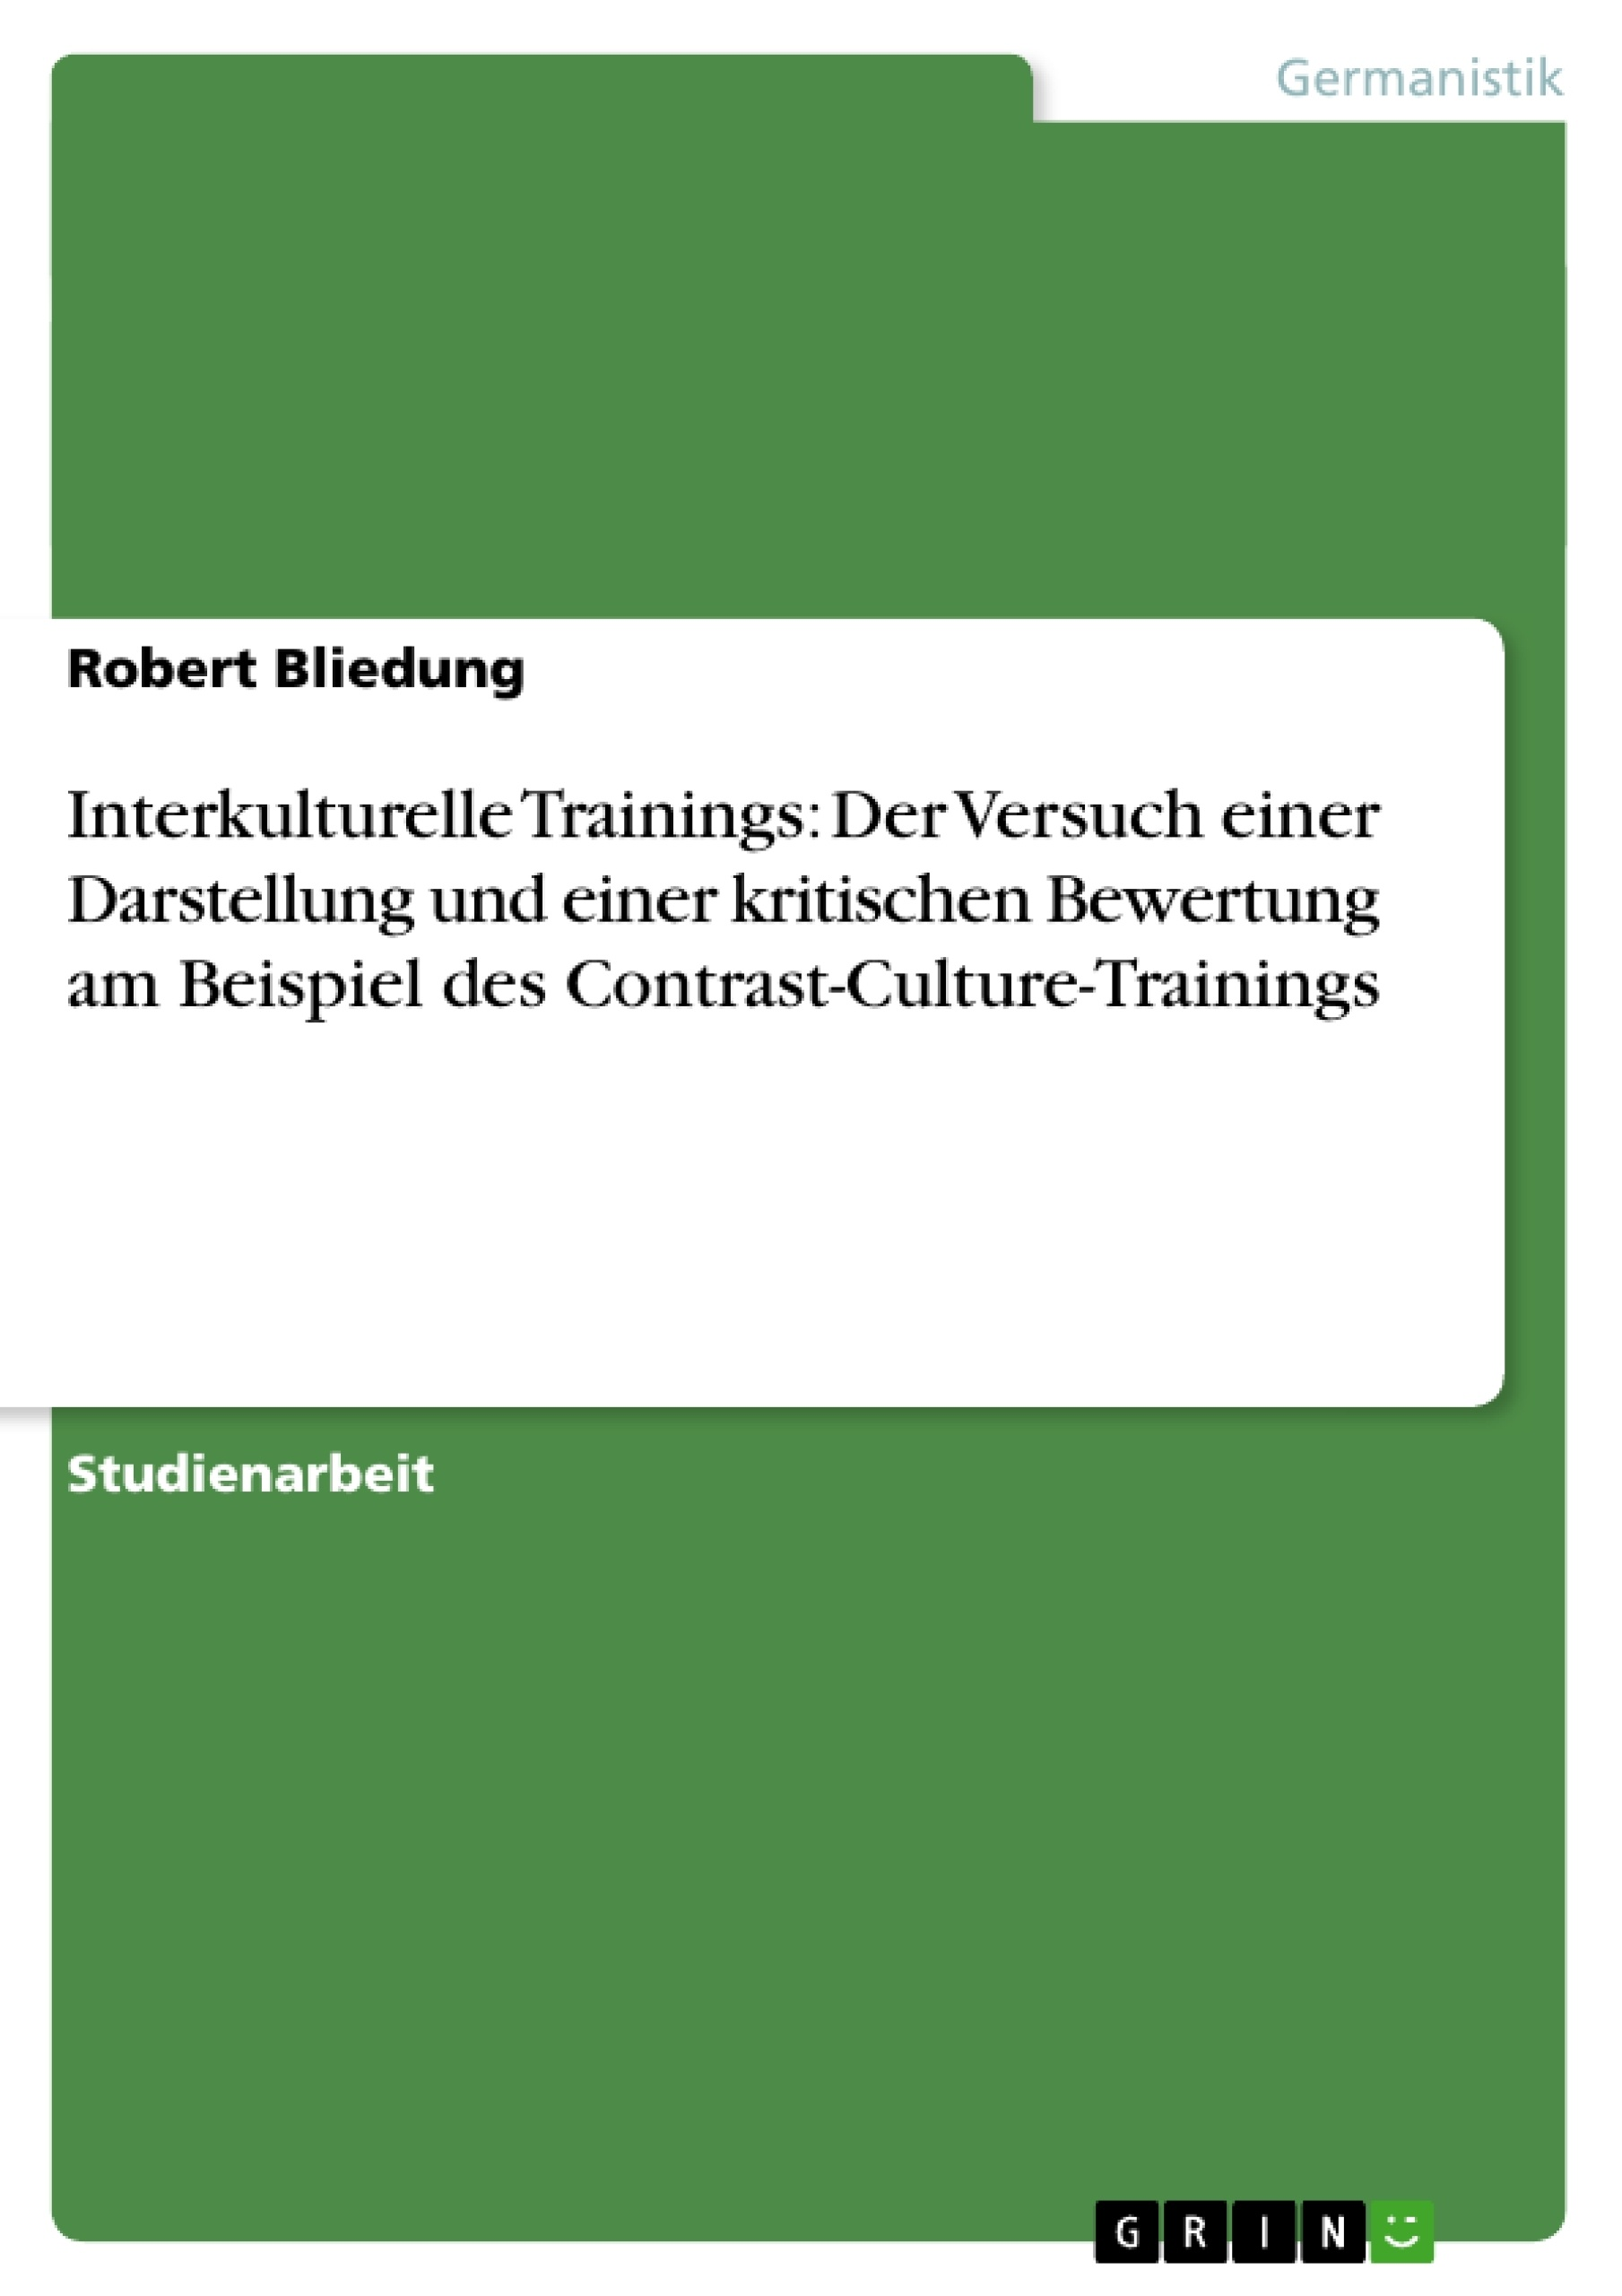 Titel: Interkulturelle Trainings: Der Versuch einer Darstellung und einer kritischen Bewertung am Beispiel des Contrast-Culture-Trainings